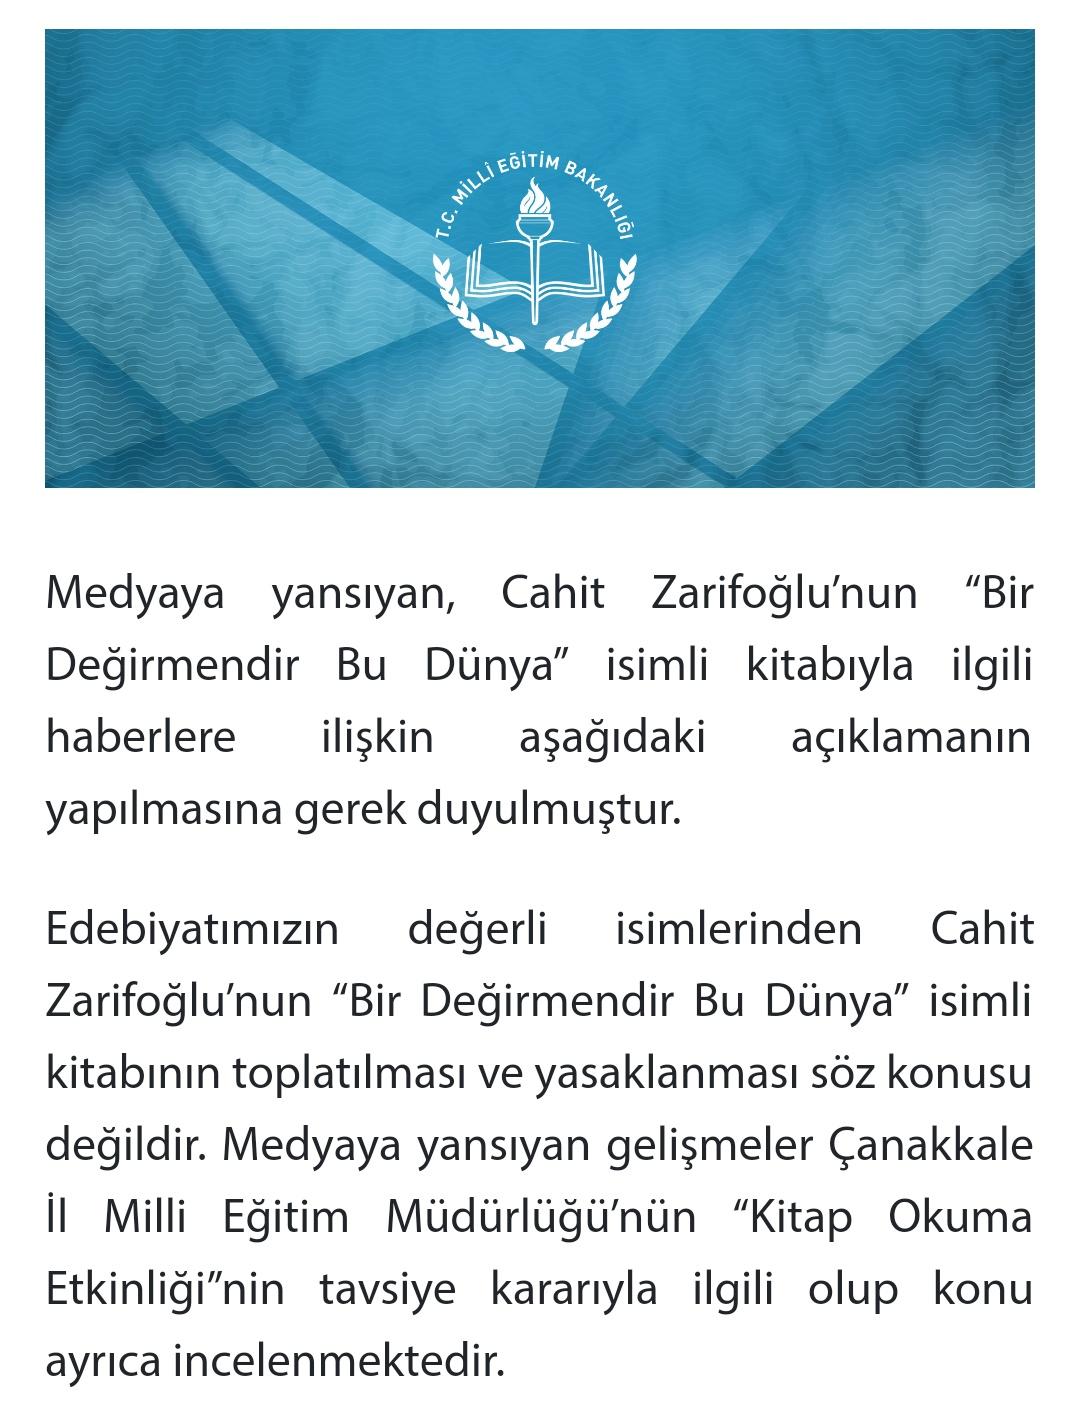 Cahit Zarifoğlu'nun Yasaklanması iddiası meb